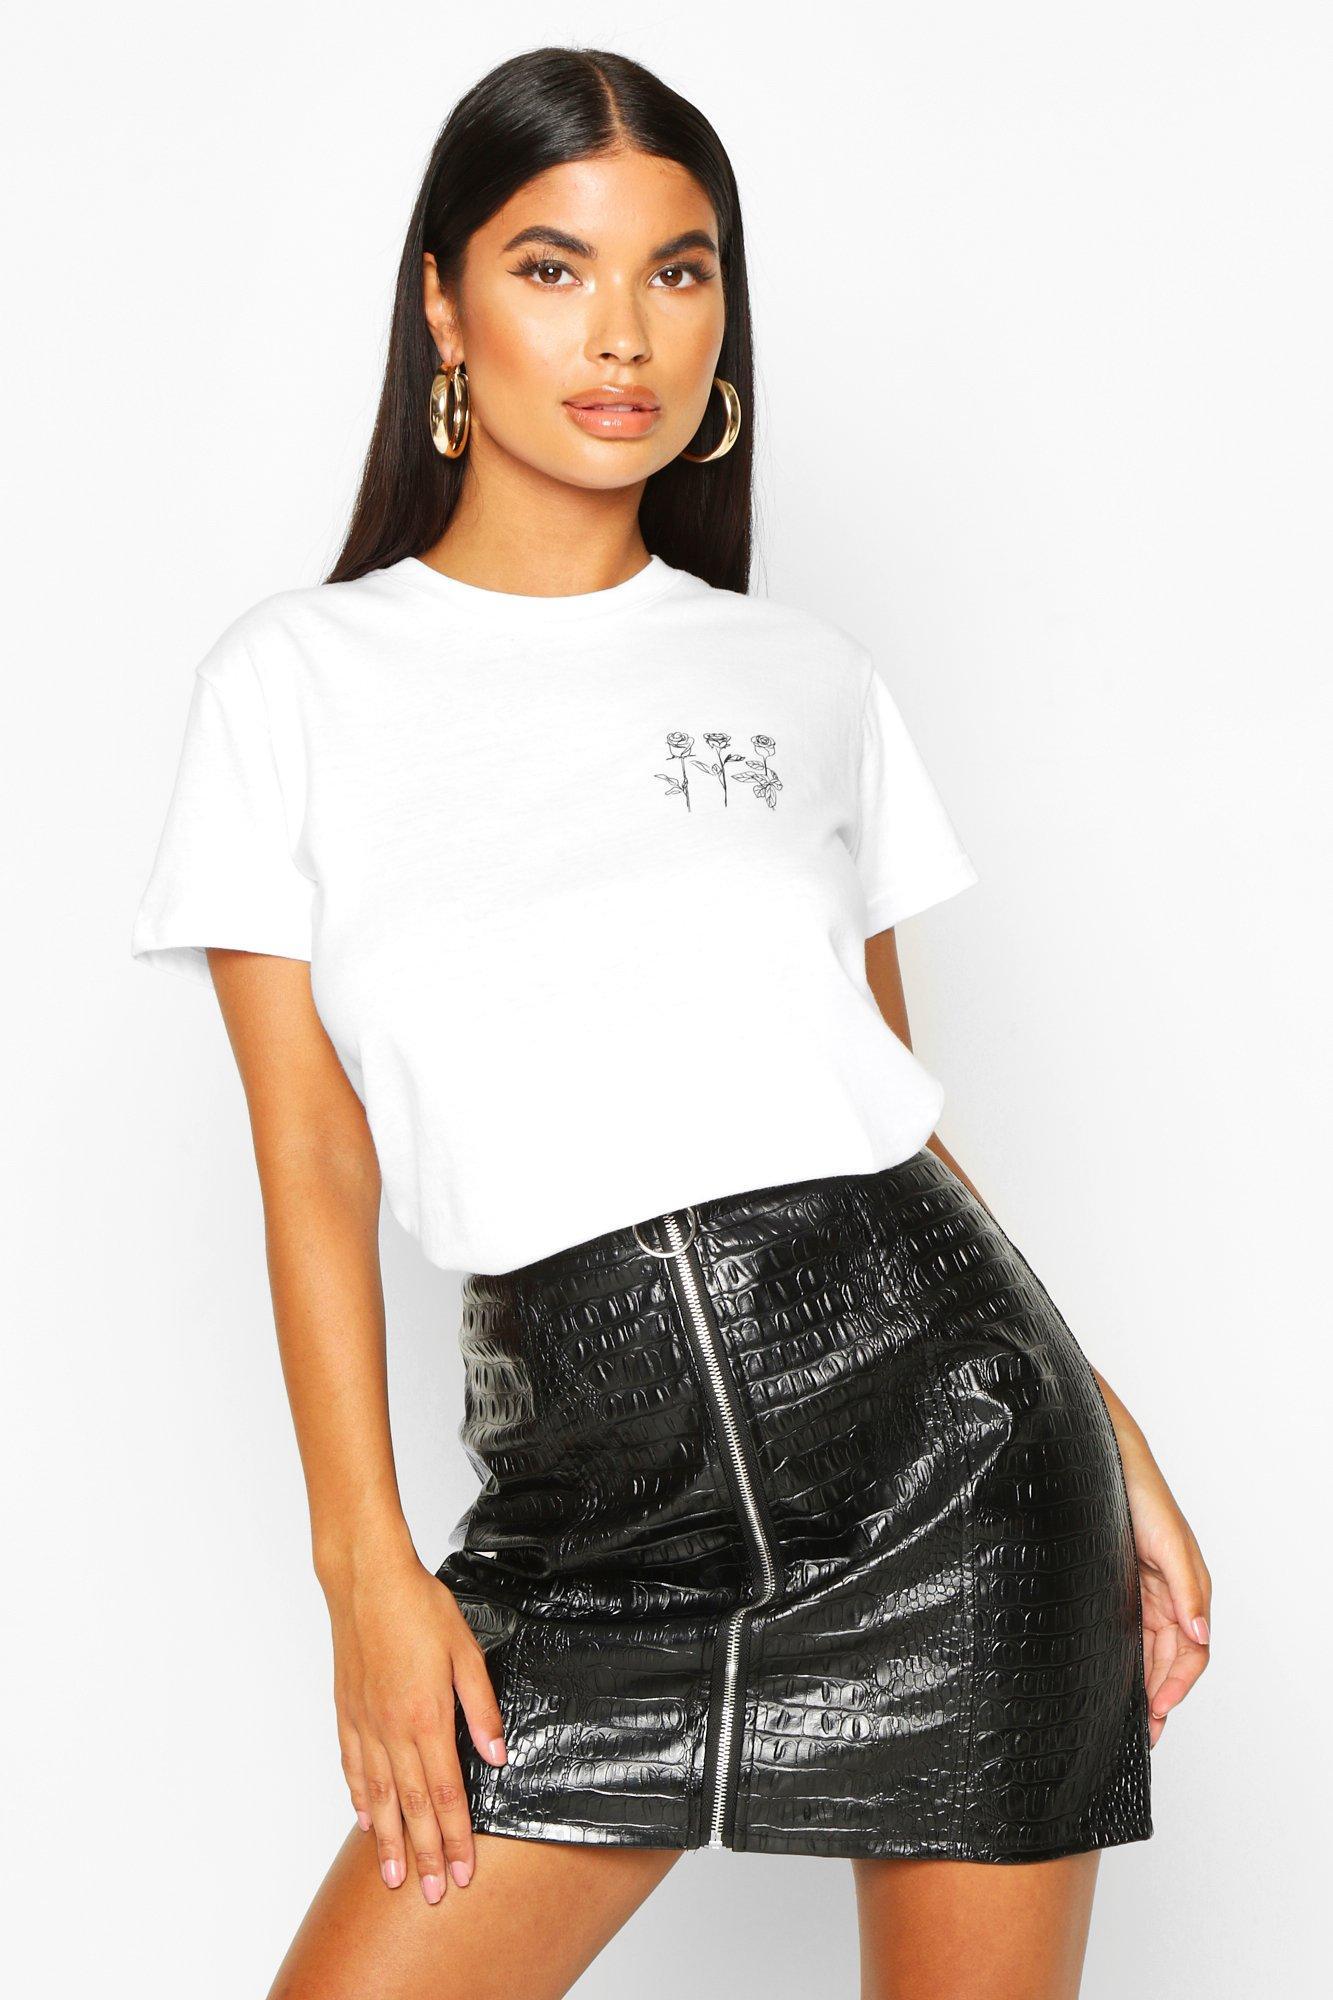 Womens Petite T-Shirt mit Triple Rose-Print und Tasche - Weiß - S, Weiß - Boohoo.com